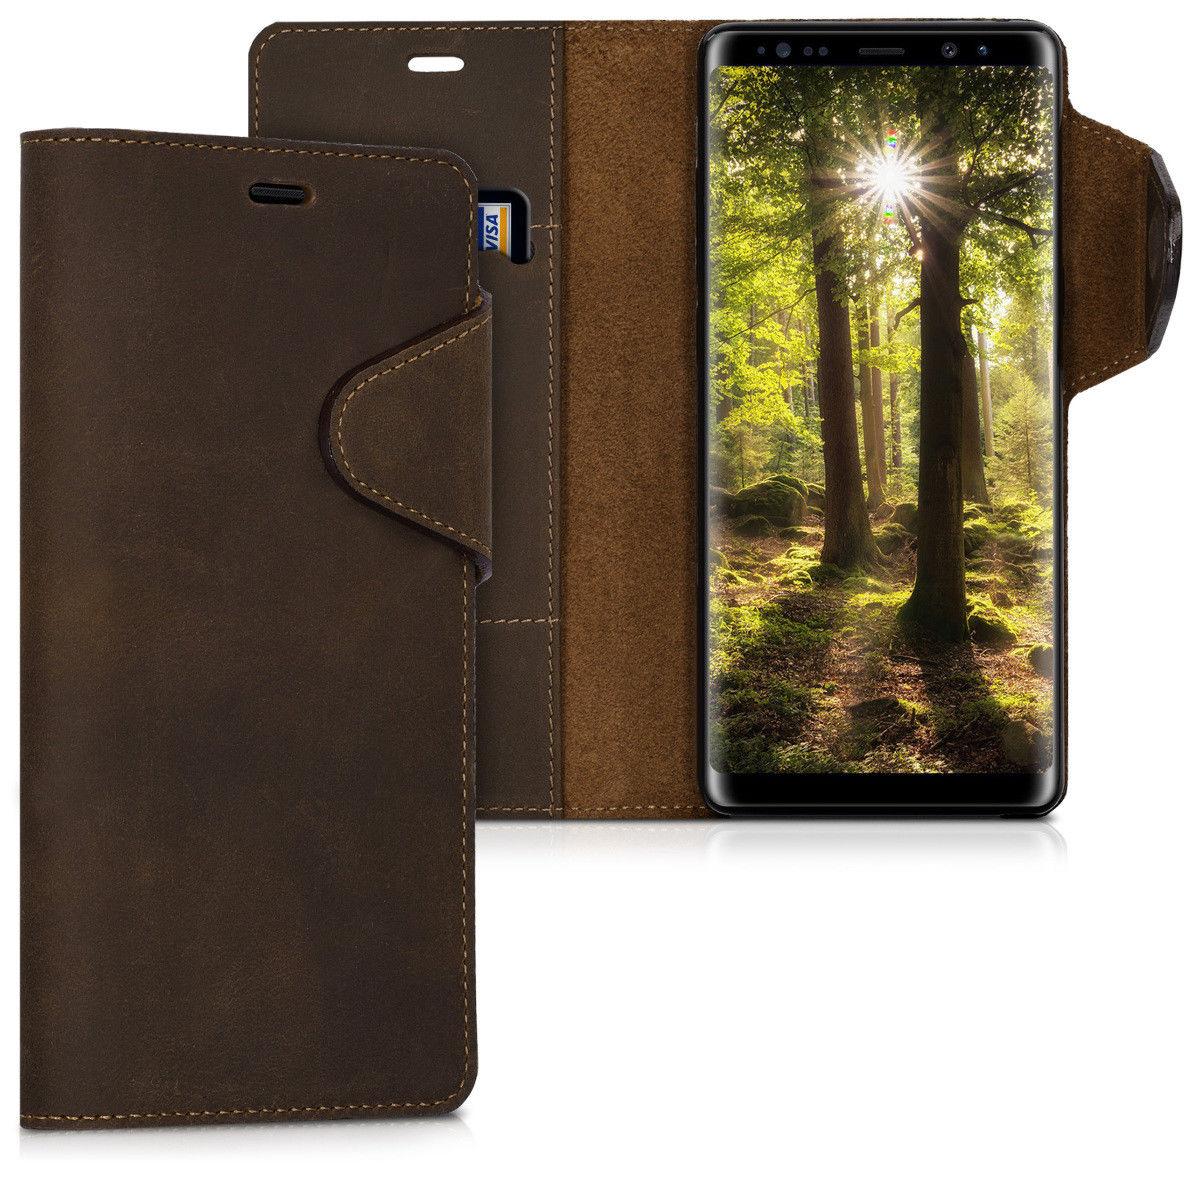 Pouzdro pro Samsung Galaxy Note 8 hnědé